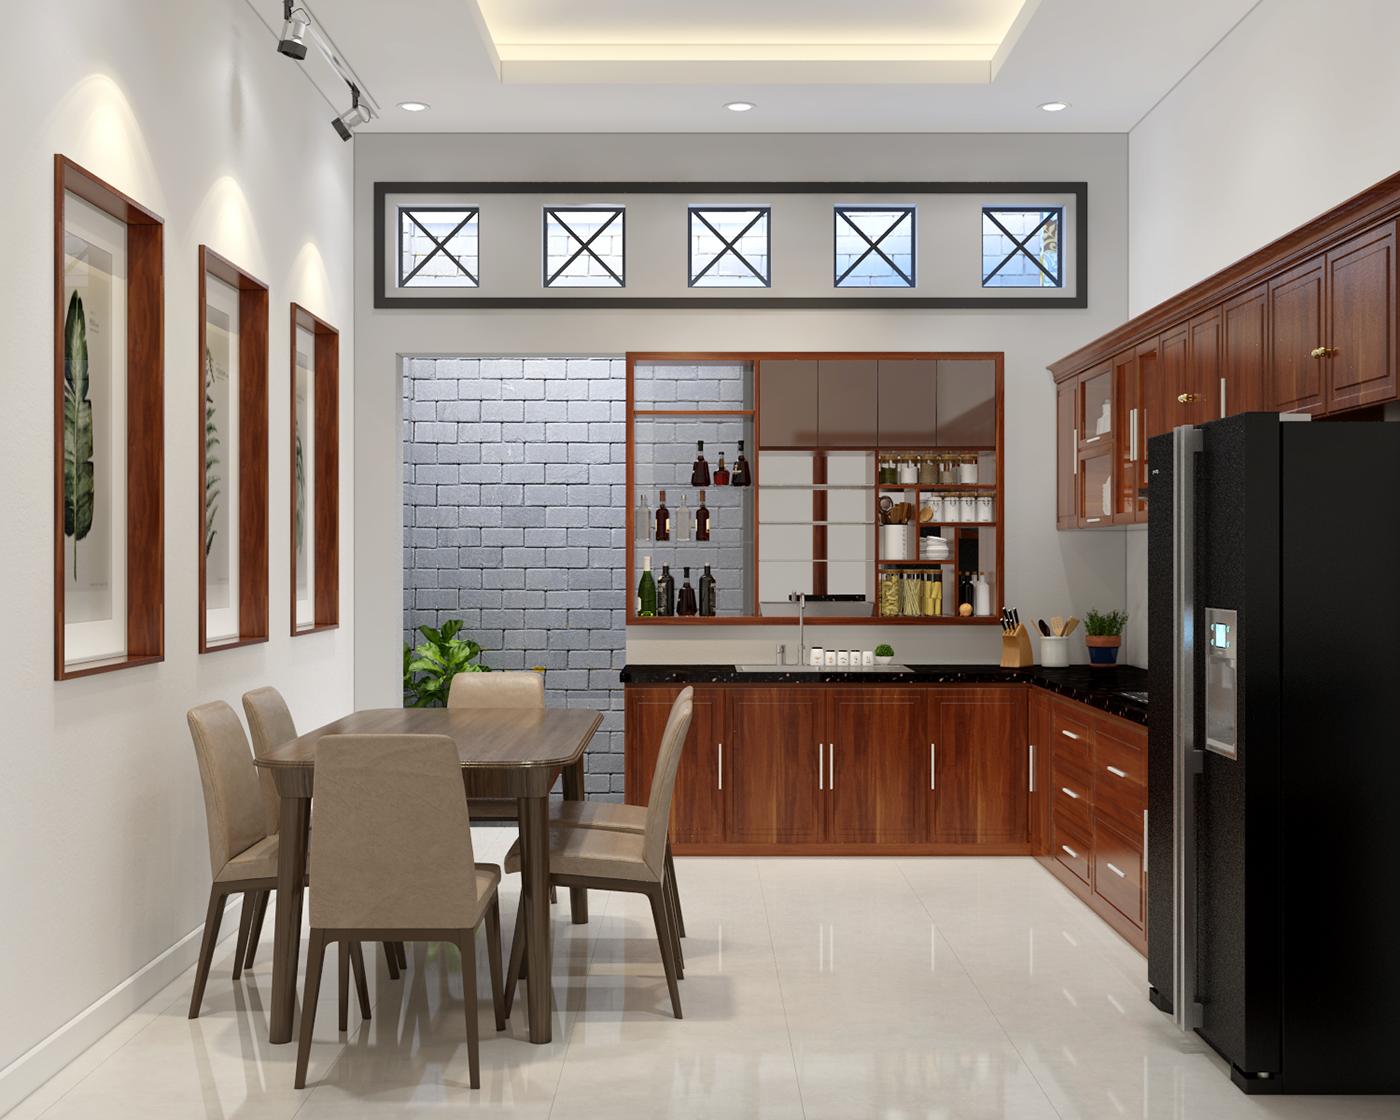 Phòng bếp phục vụ cho gia đình 4-5 thành viên